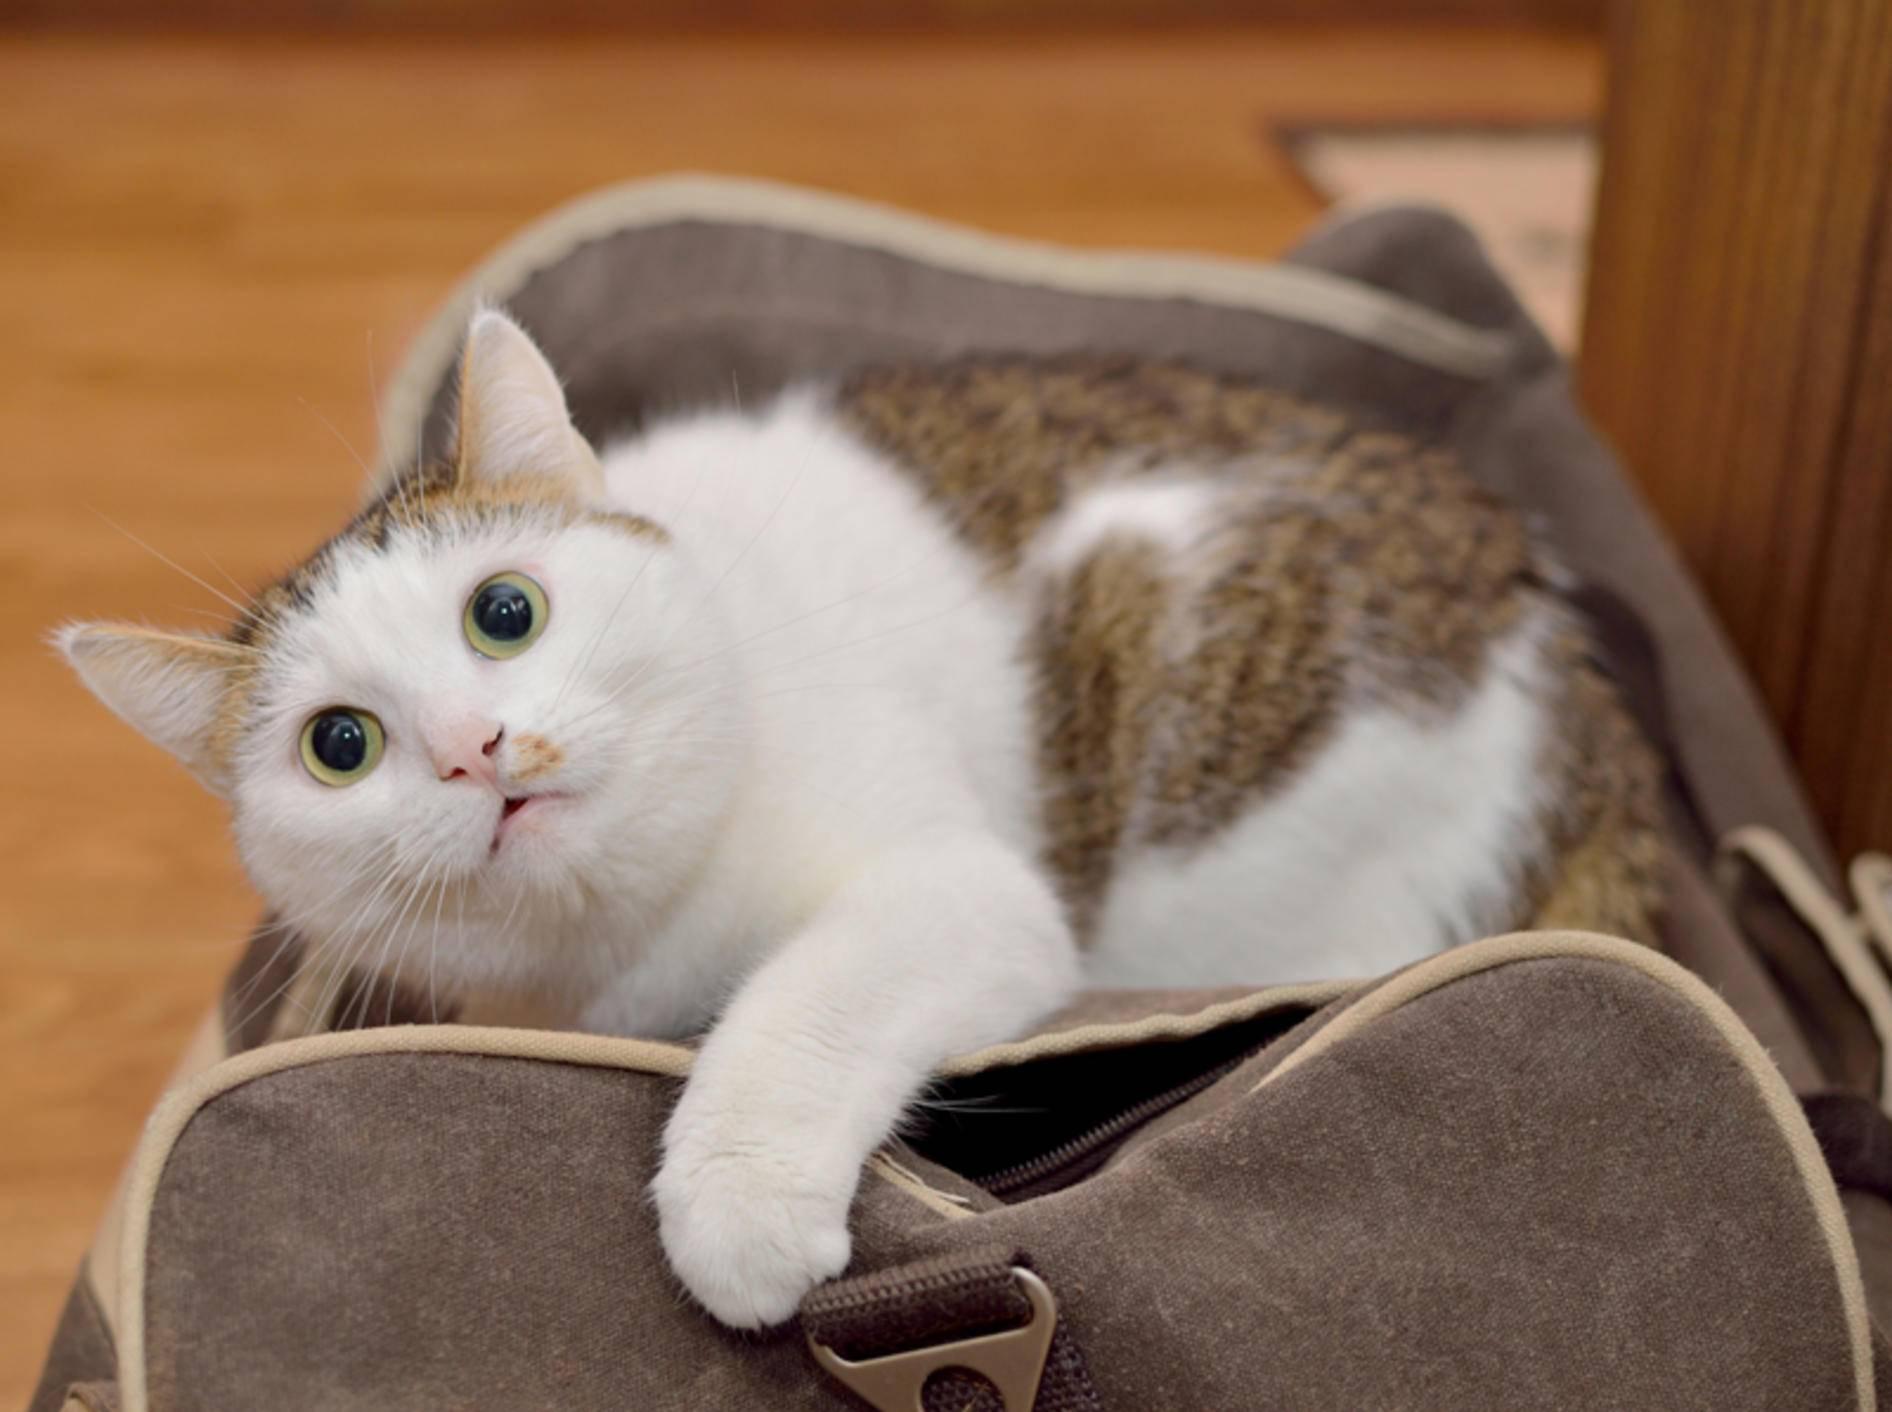 Im Urlaub braucht die Katze einen aktuellen EU-Heimtierausweis – Shutterstock / Nadinelle